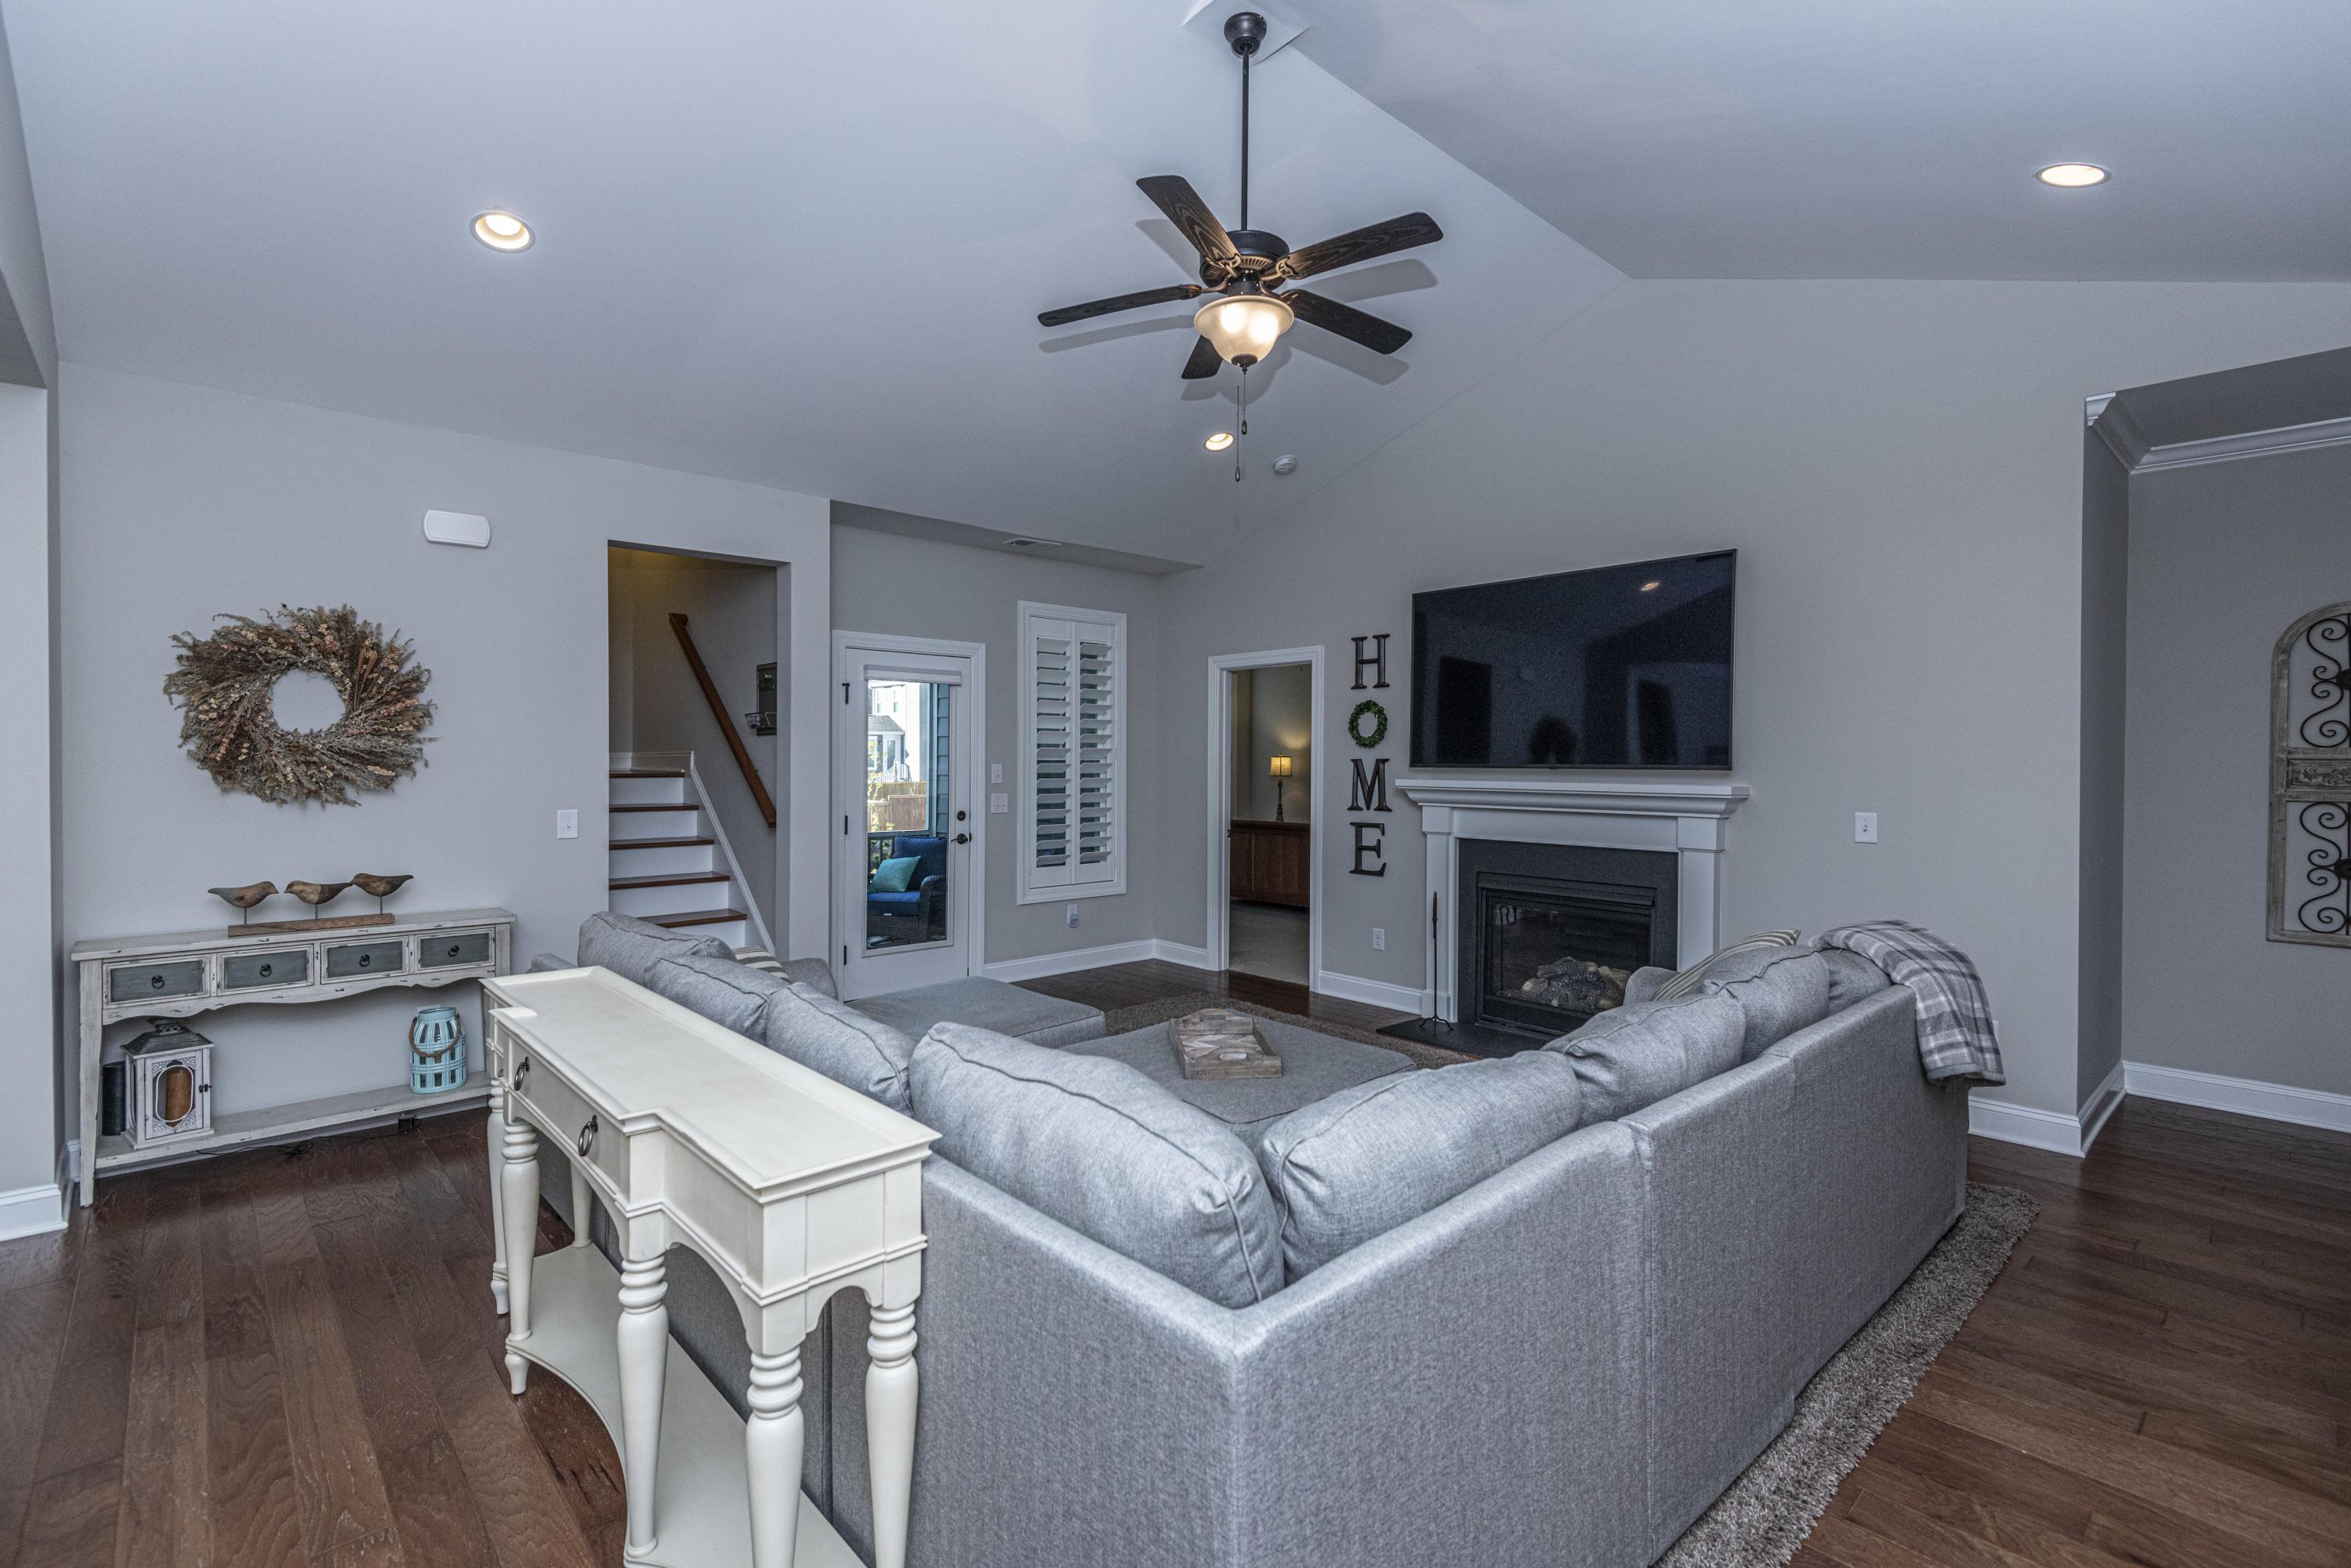 Park West Homes For Sale - 2667 Park West, Mount Pleasant, SC - 23